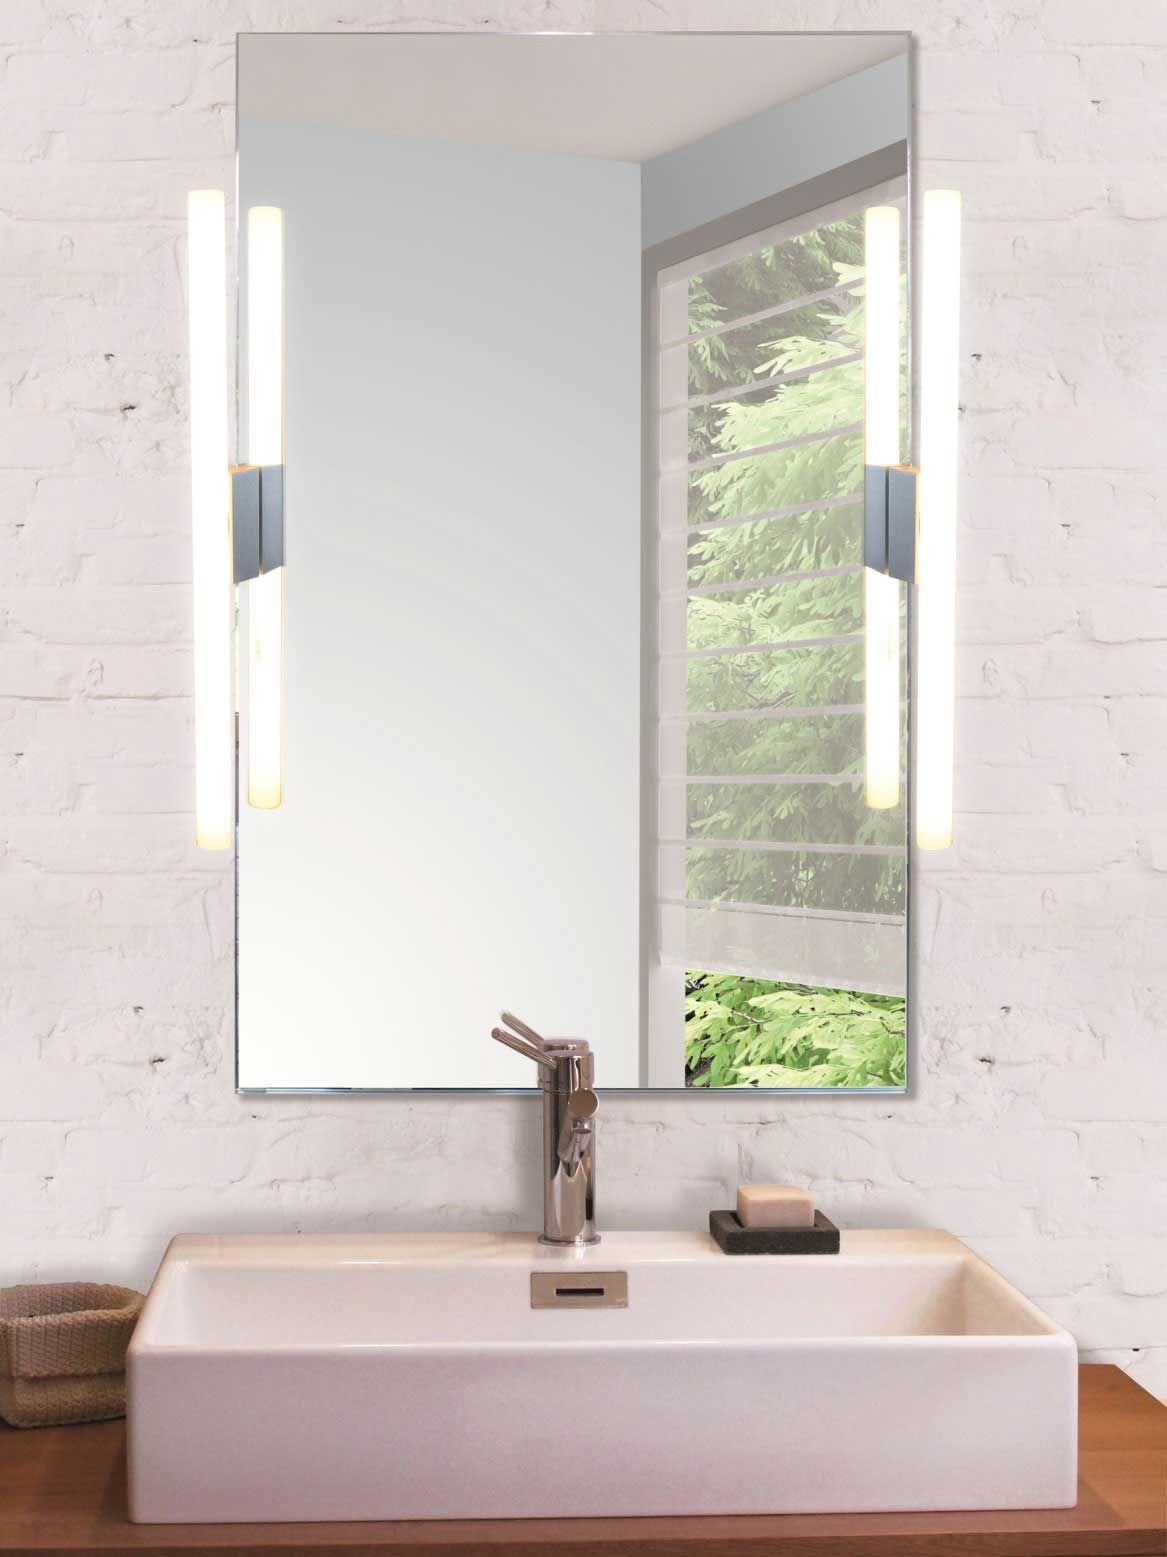 Puristische Wandleuchte Fur Toiletten Und Bad Spiegel Von Edition Casa Lumi Bild 6 Puristische Spiegel Badezimmerleuchten Lampen Bad Bad Spiegel Beleuchtung